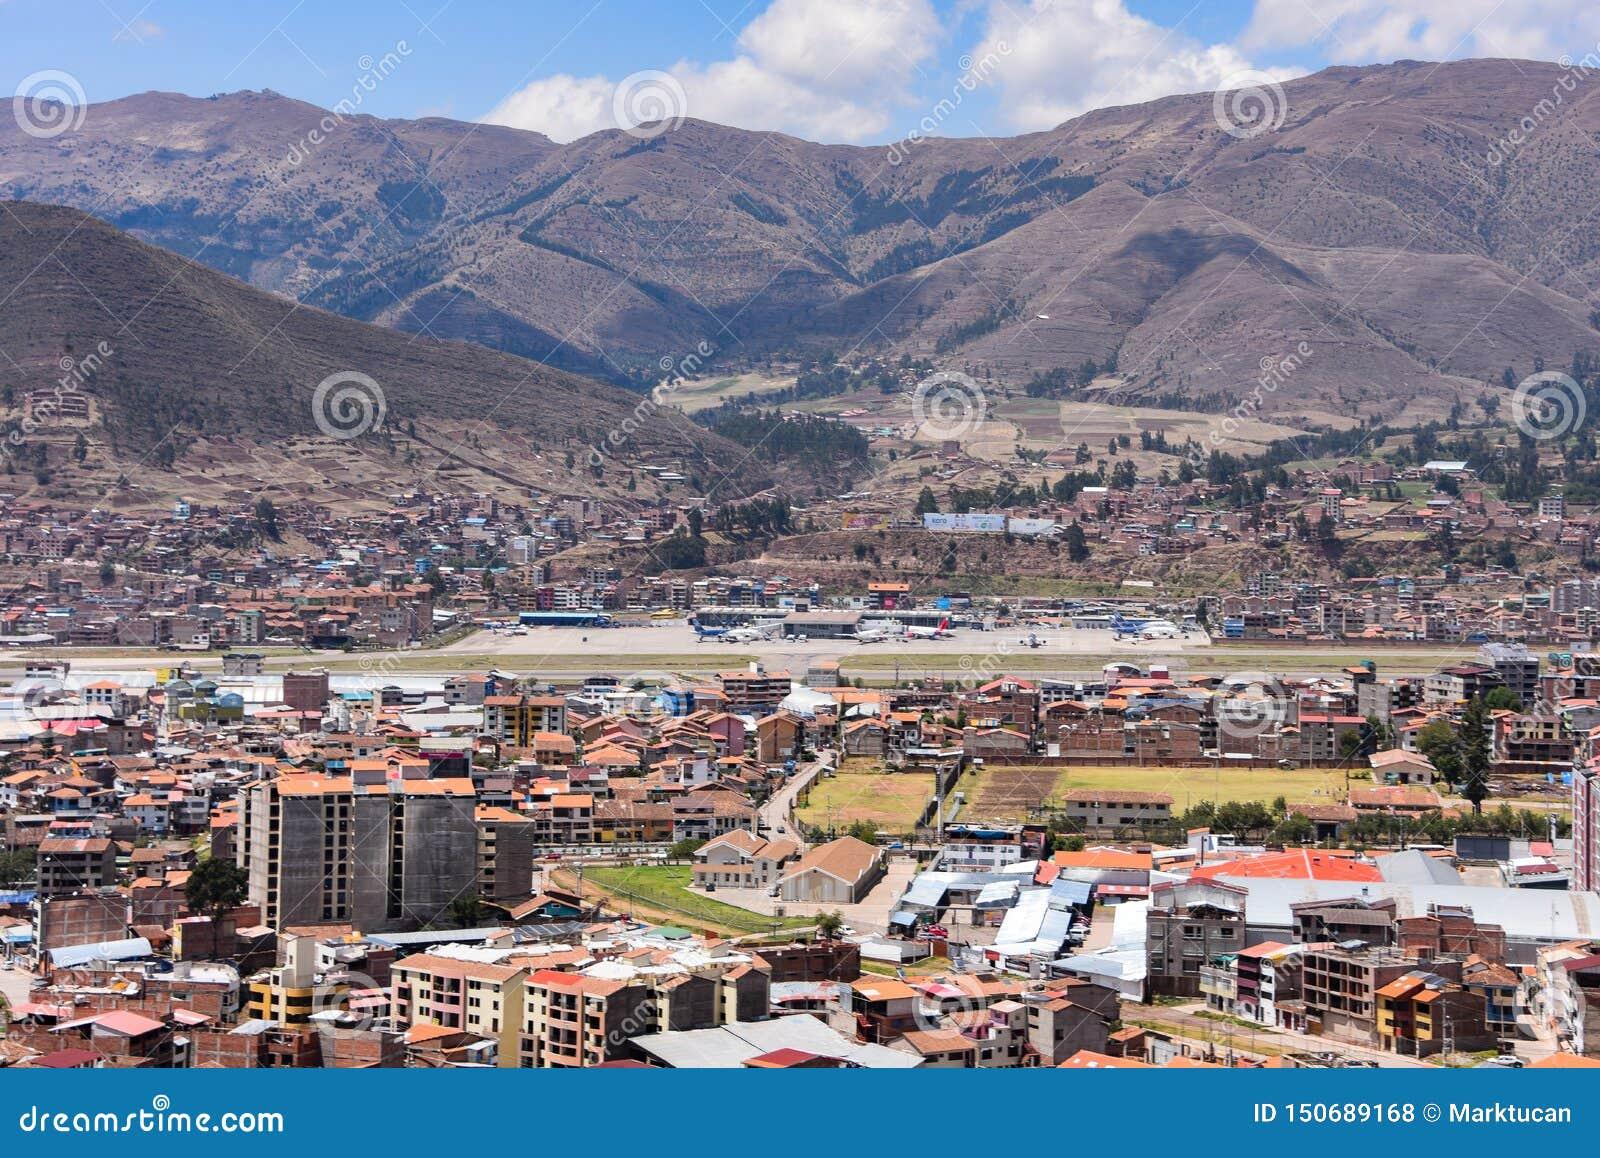 Vistas Al Aeropuerto De Cusco Y Al Barrio De San Sebastian Desde Rumiwasi Cusco Peru Foto De Archivo Editorial Imagen De Cusco Barrio 150689168